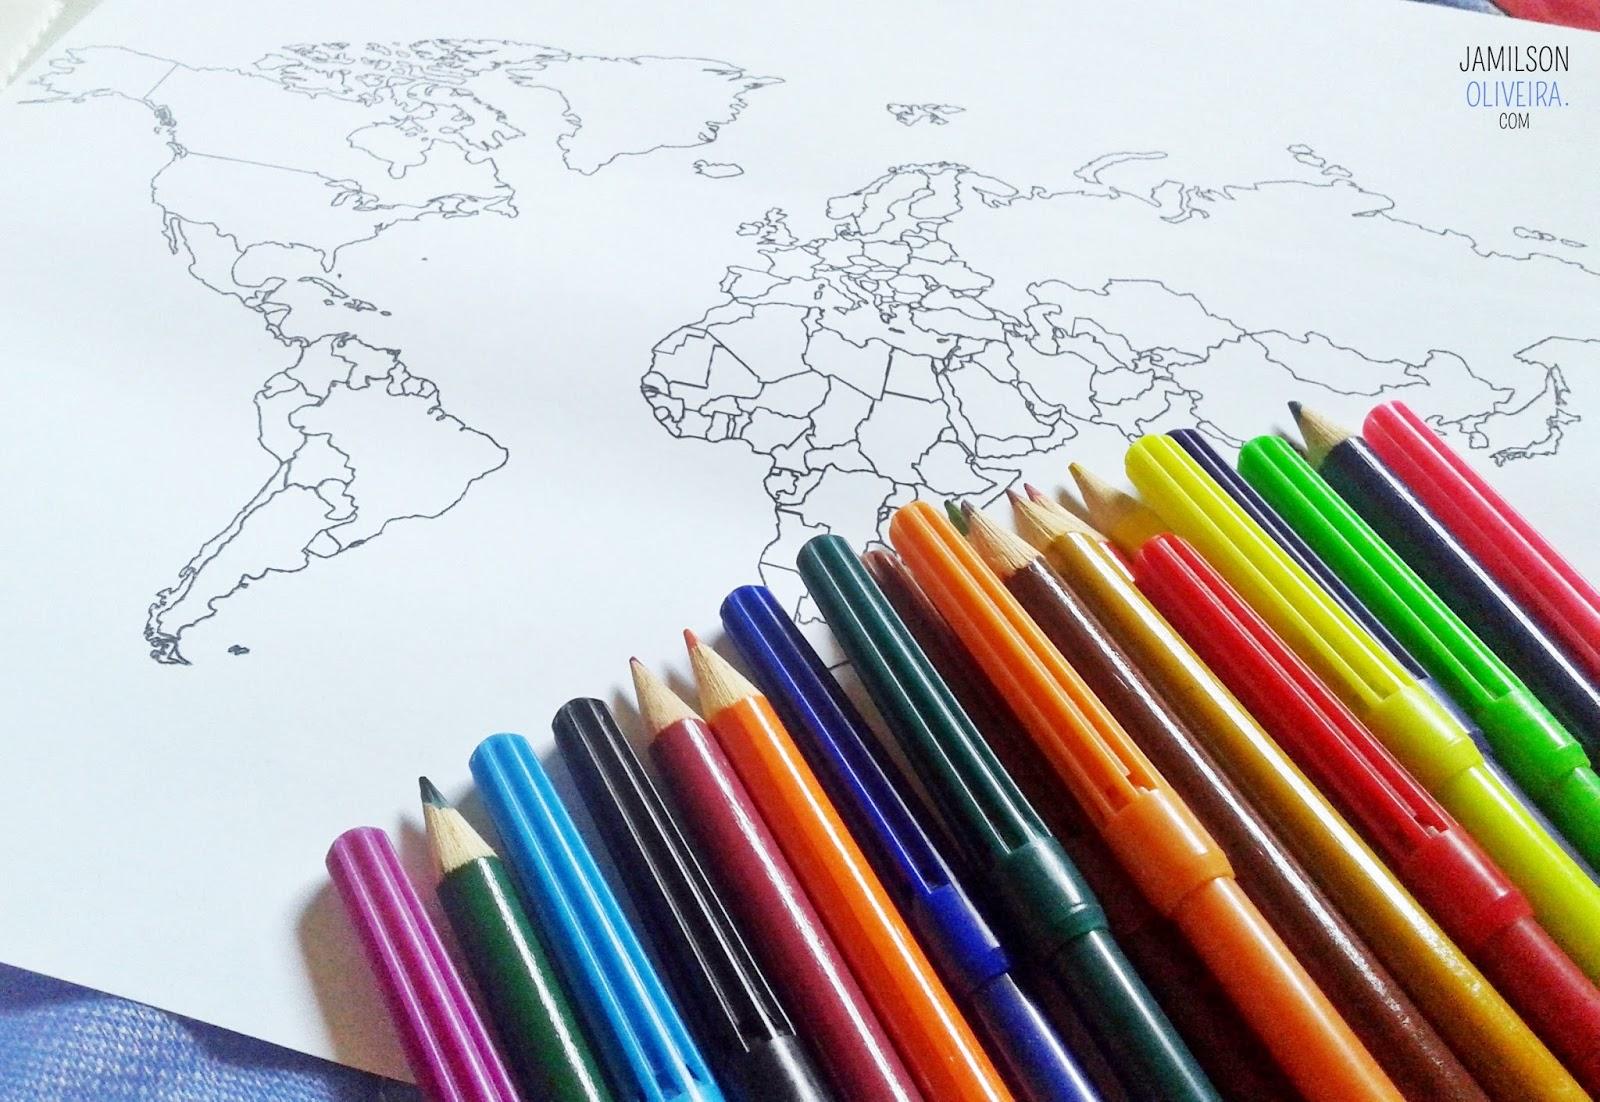 Usando mapas para decoração - Jamilson Oliveira Blog